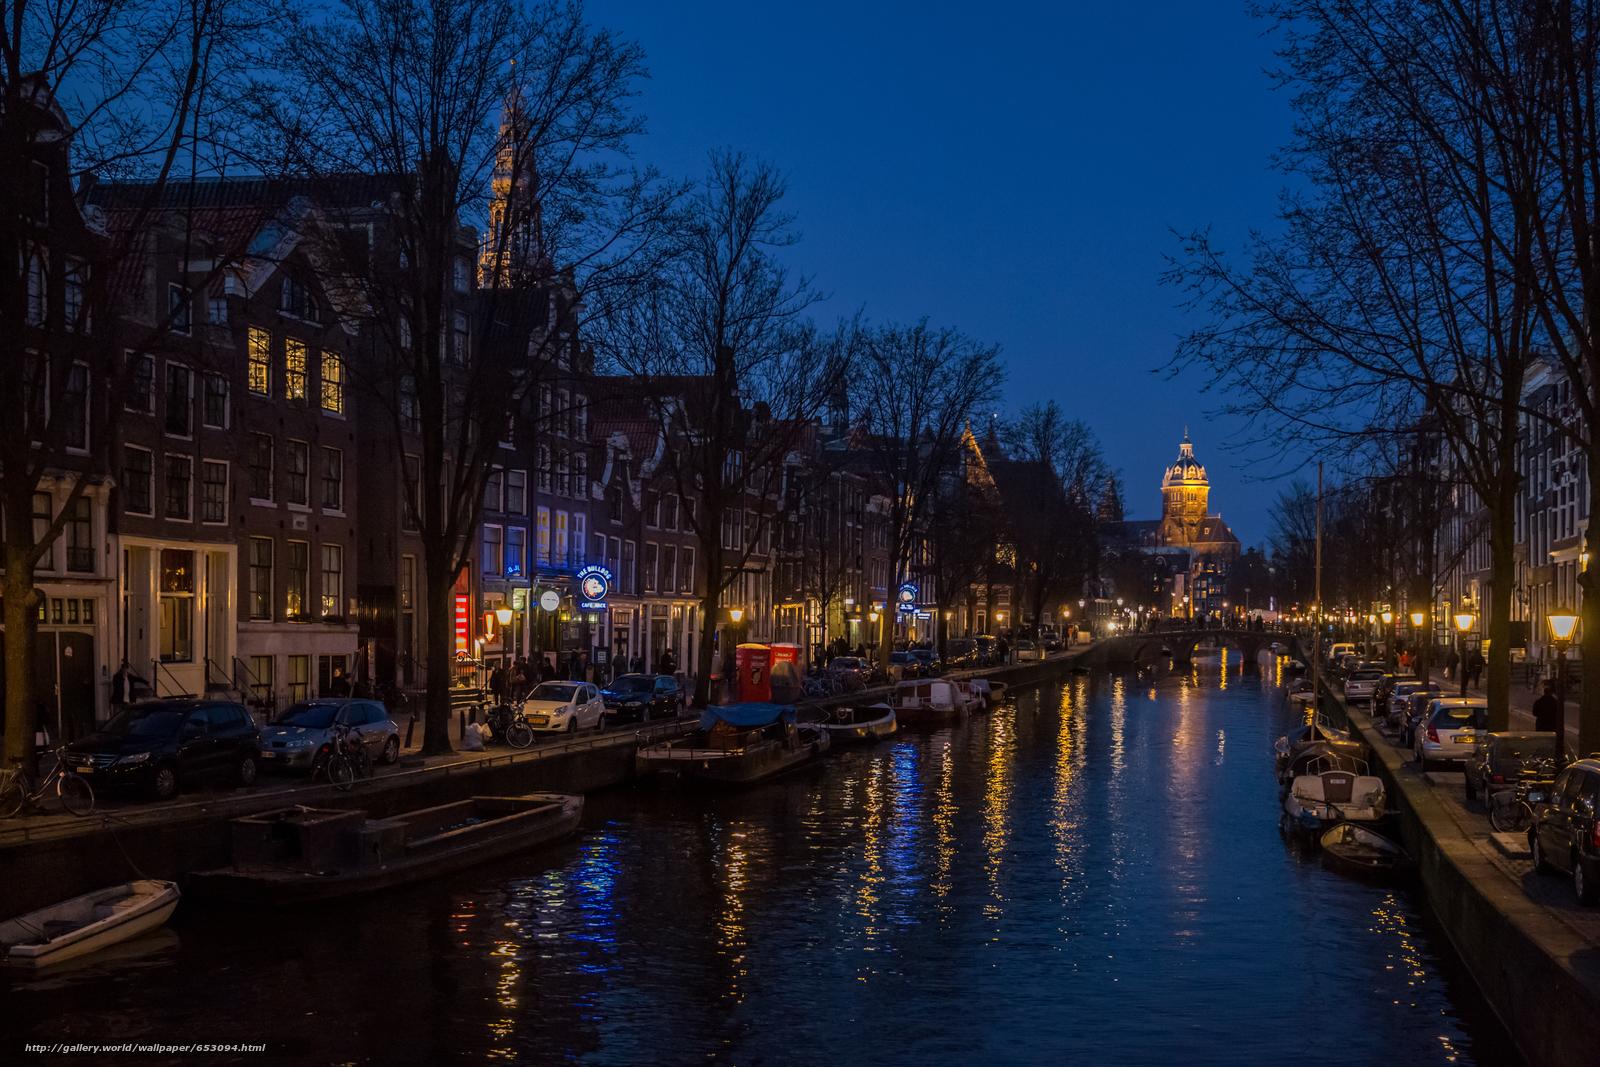 Tlcharger Fond d'ecran Amsterdam,  Ville Amsterdam,  capitale et plus grande ville des Pays-Bas,  Pays-Bas Fonds d'ecran gratuits pour votre rsolution du bureau 5760x3840 — image №653094